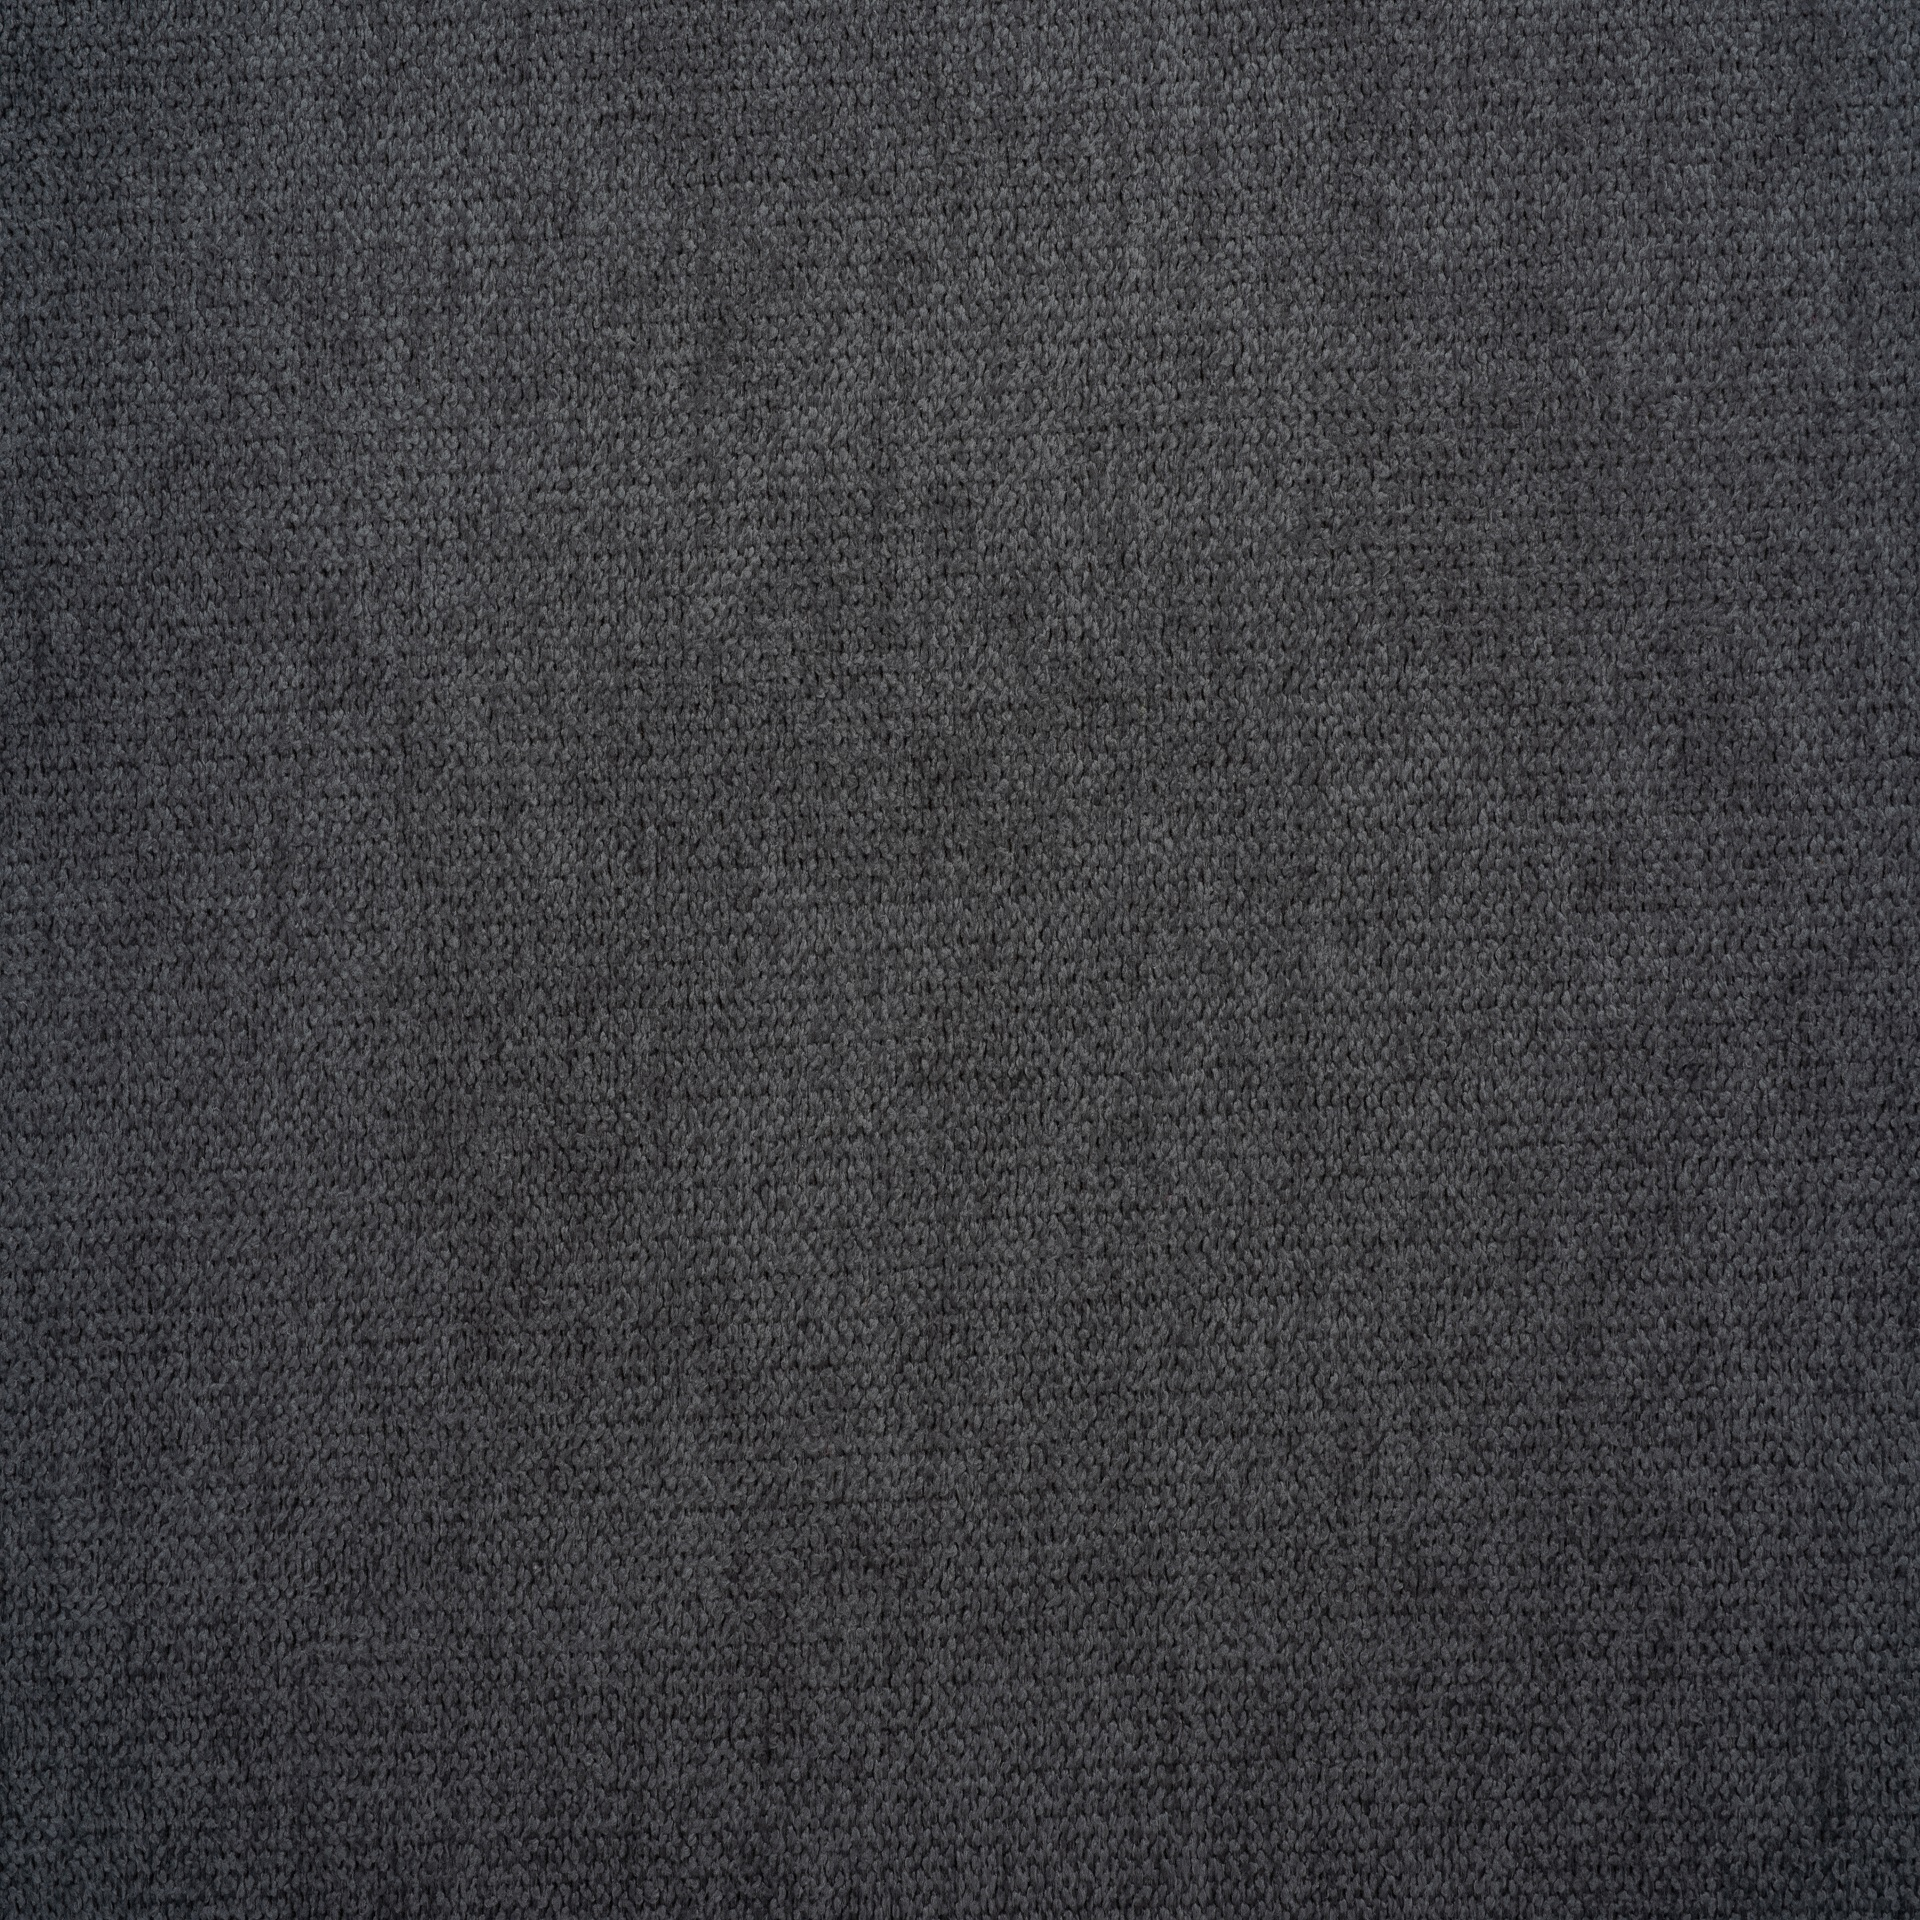 Коллекция ткани Аляска 97,  купить ткань Жаккард для мебели Украина